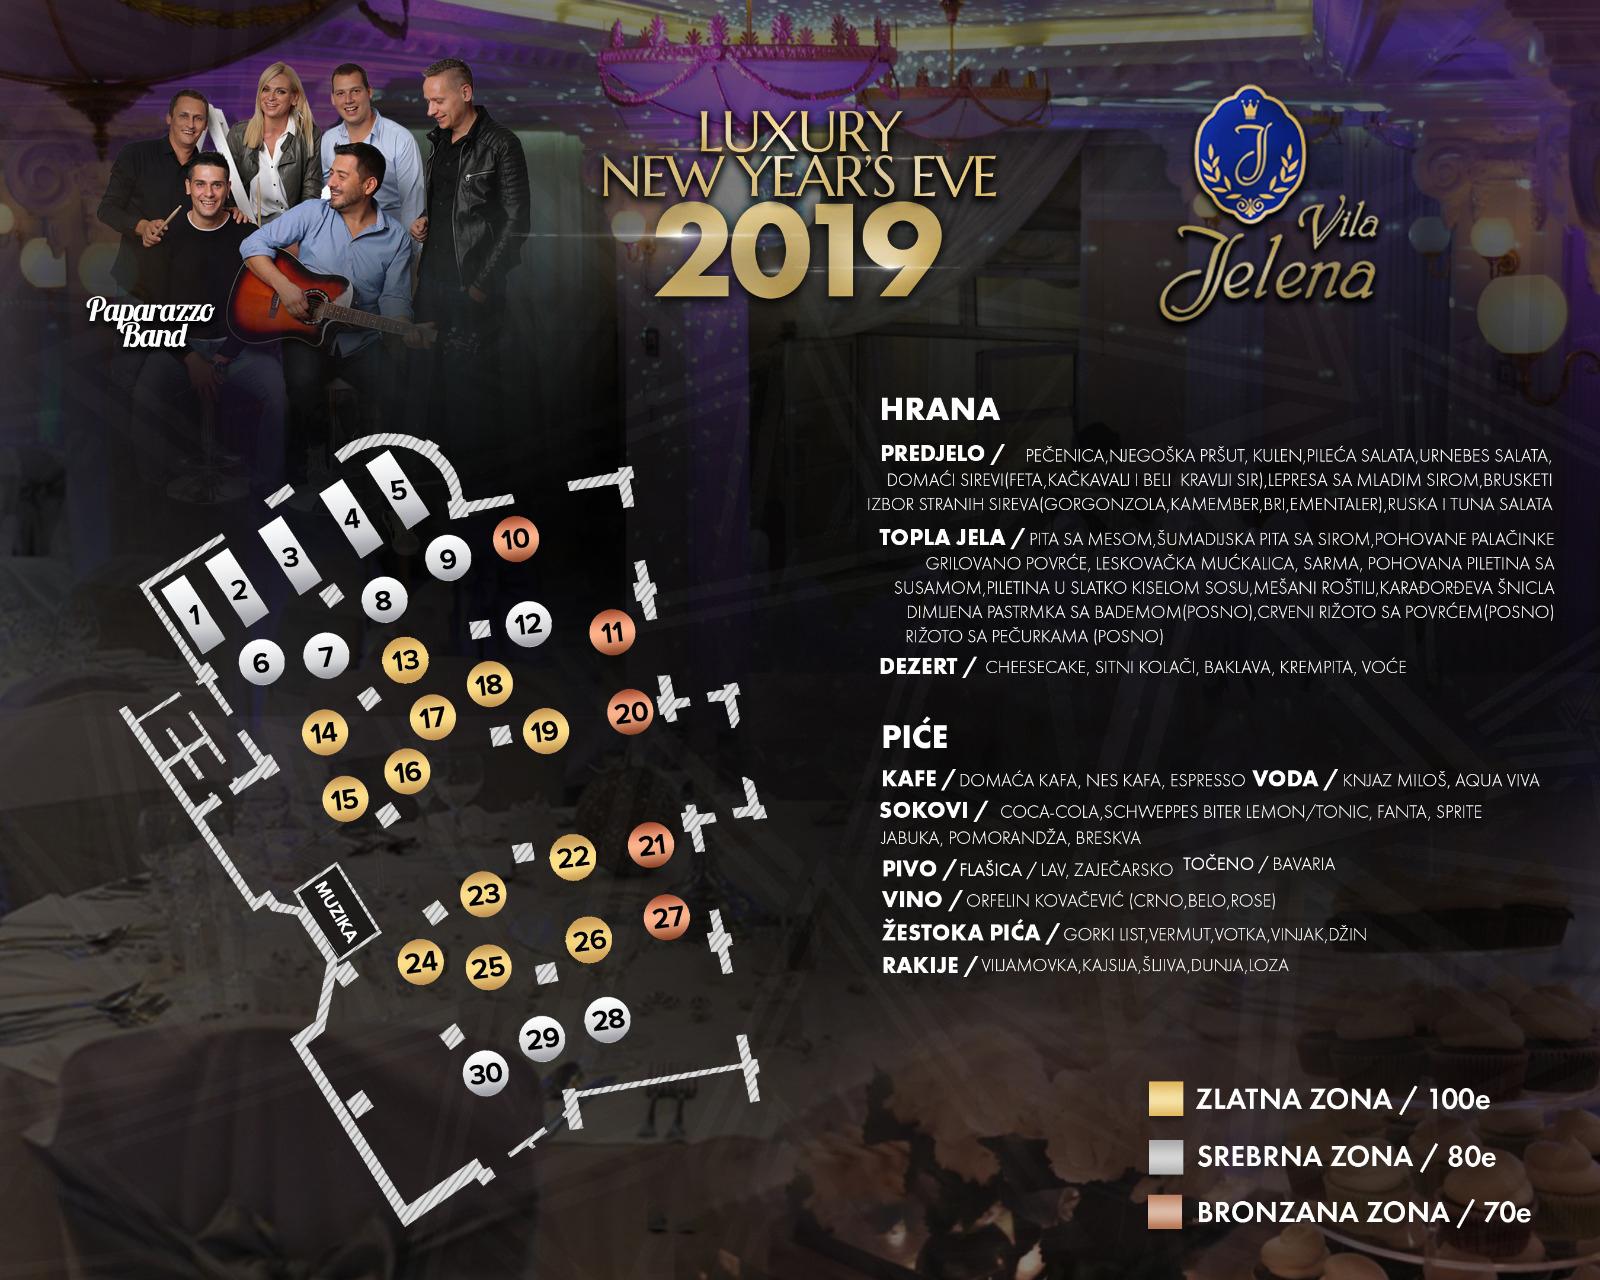 Docek Nove godine Beograd 2019 Vila Jelena